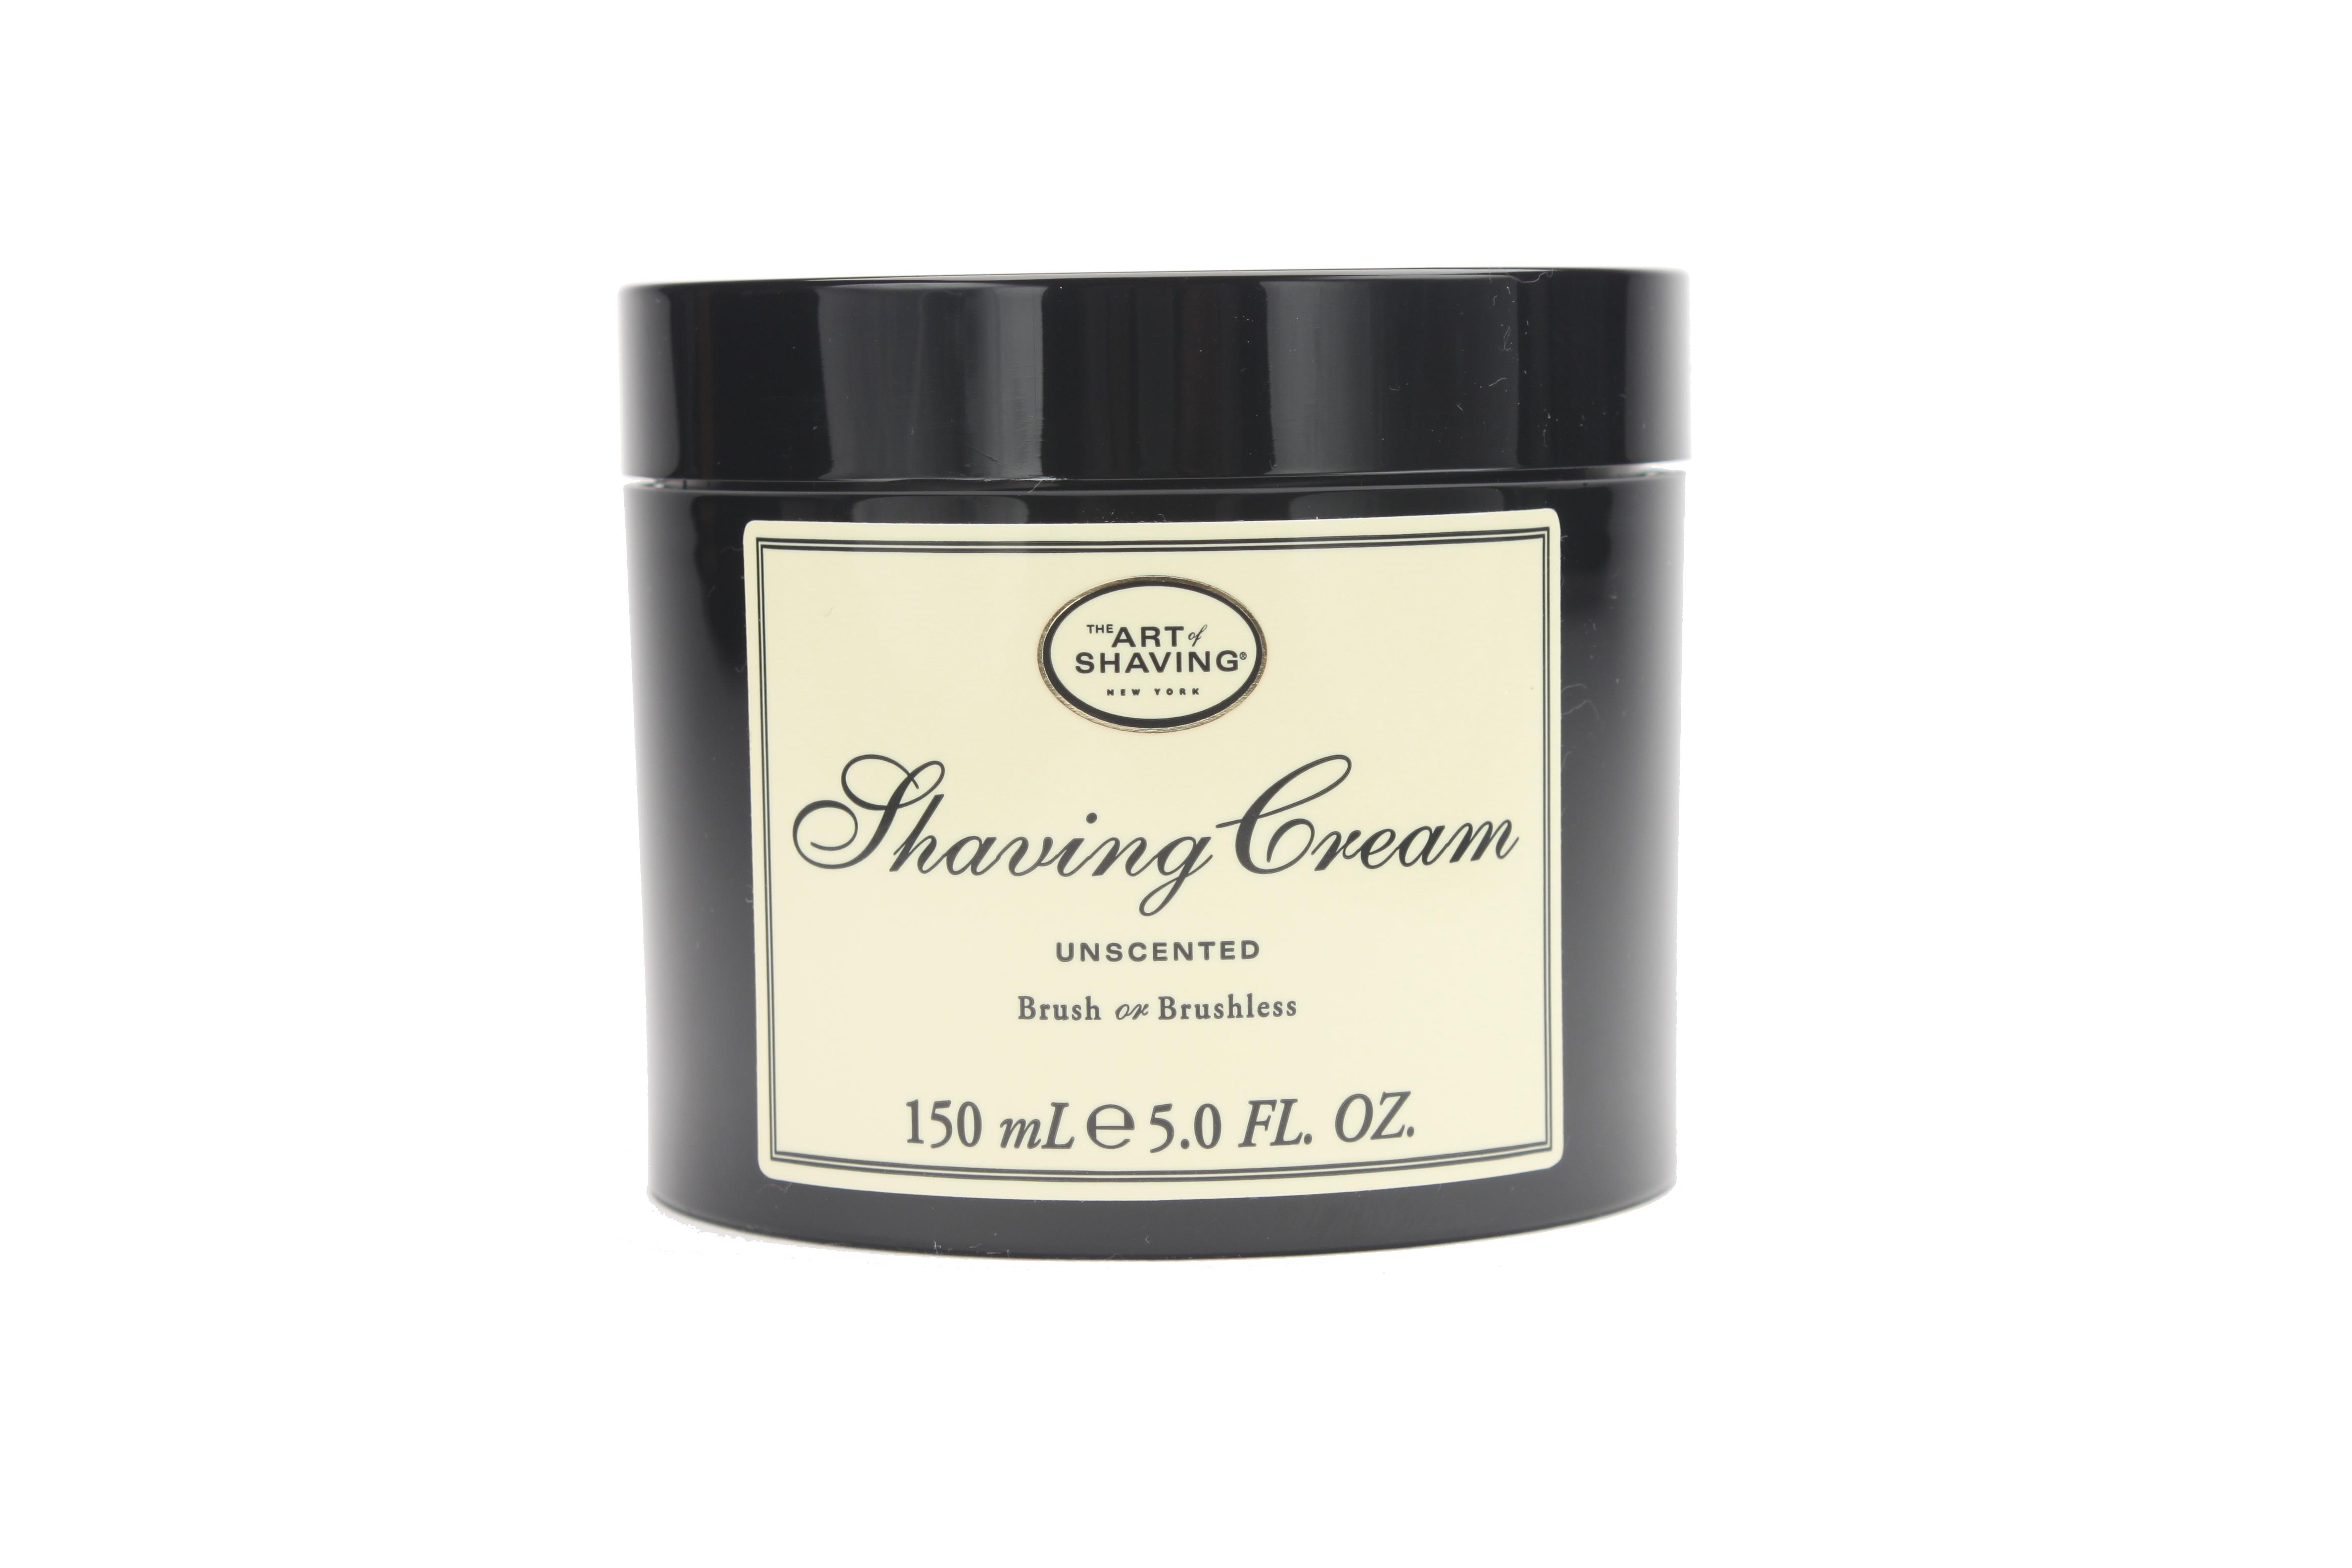 36313 Unscented Shaving Cream 5 oz